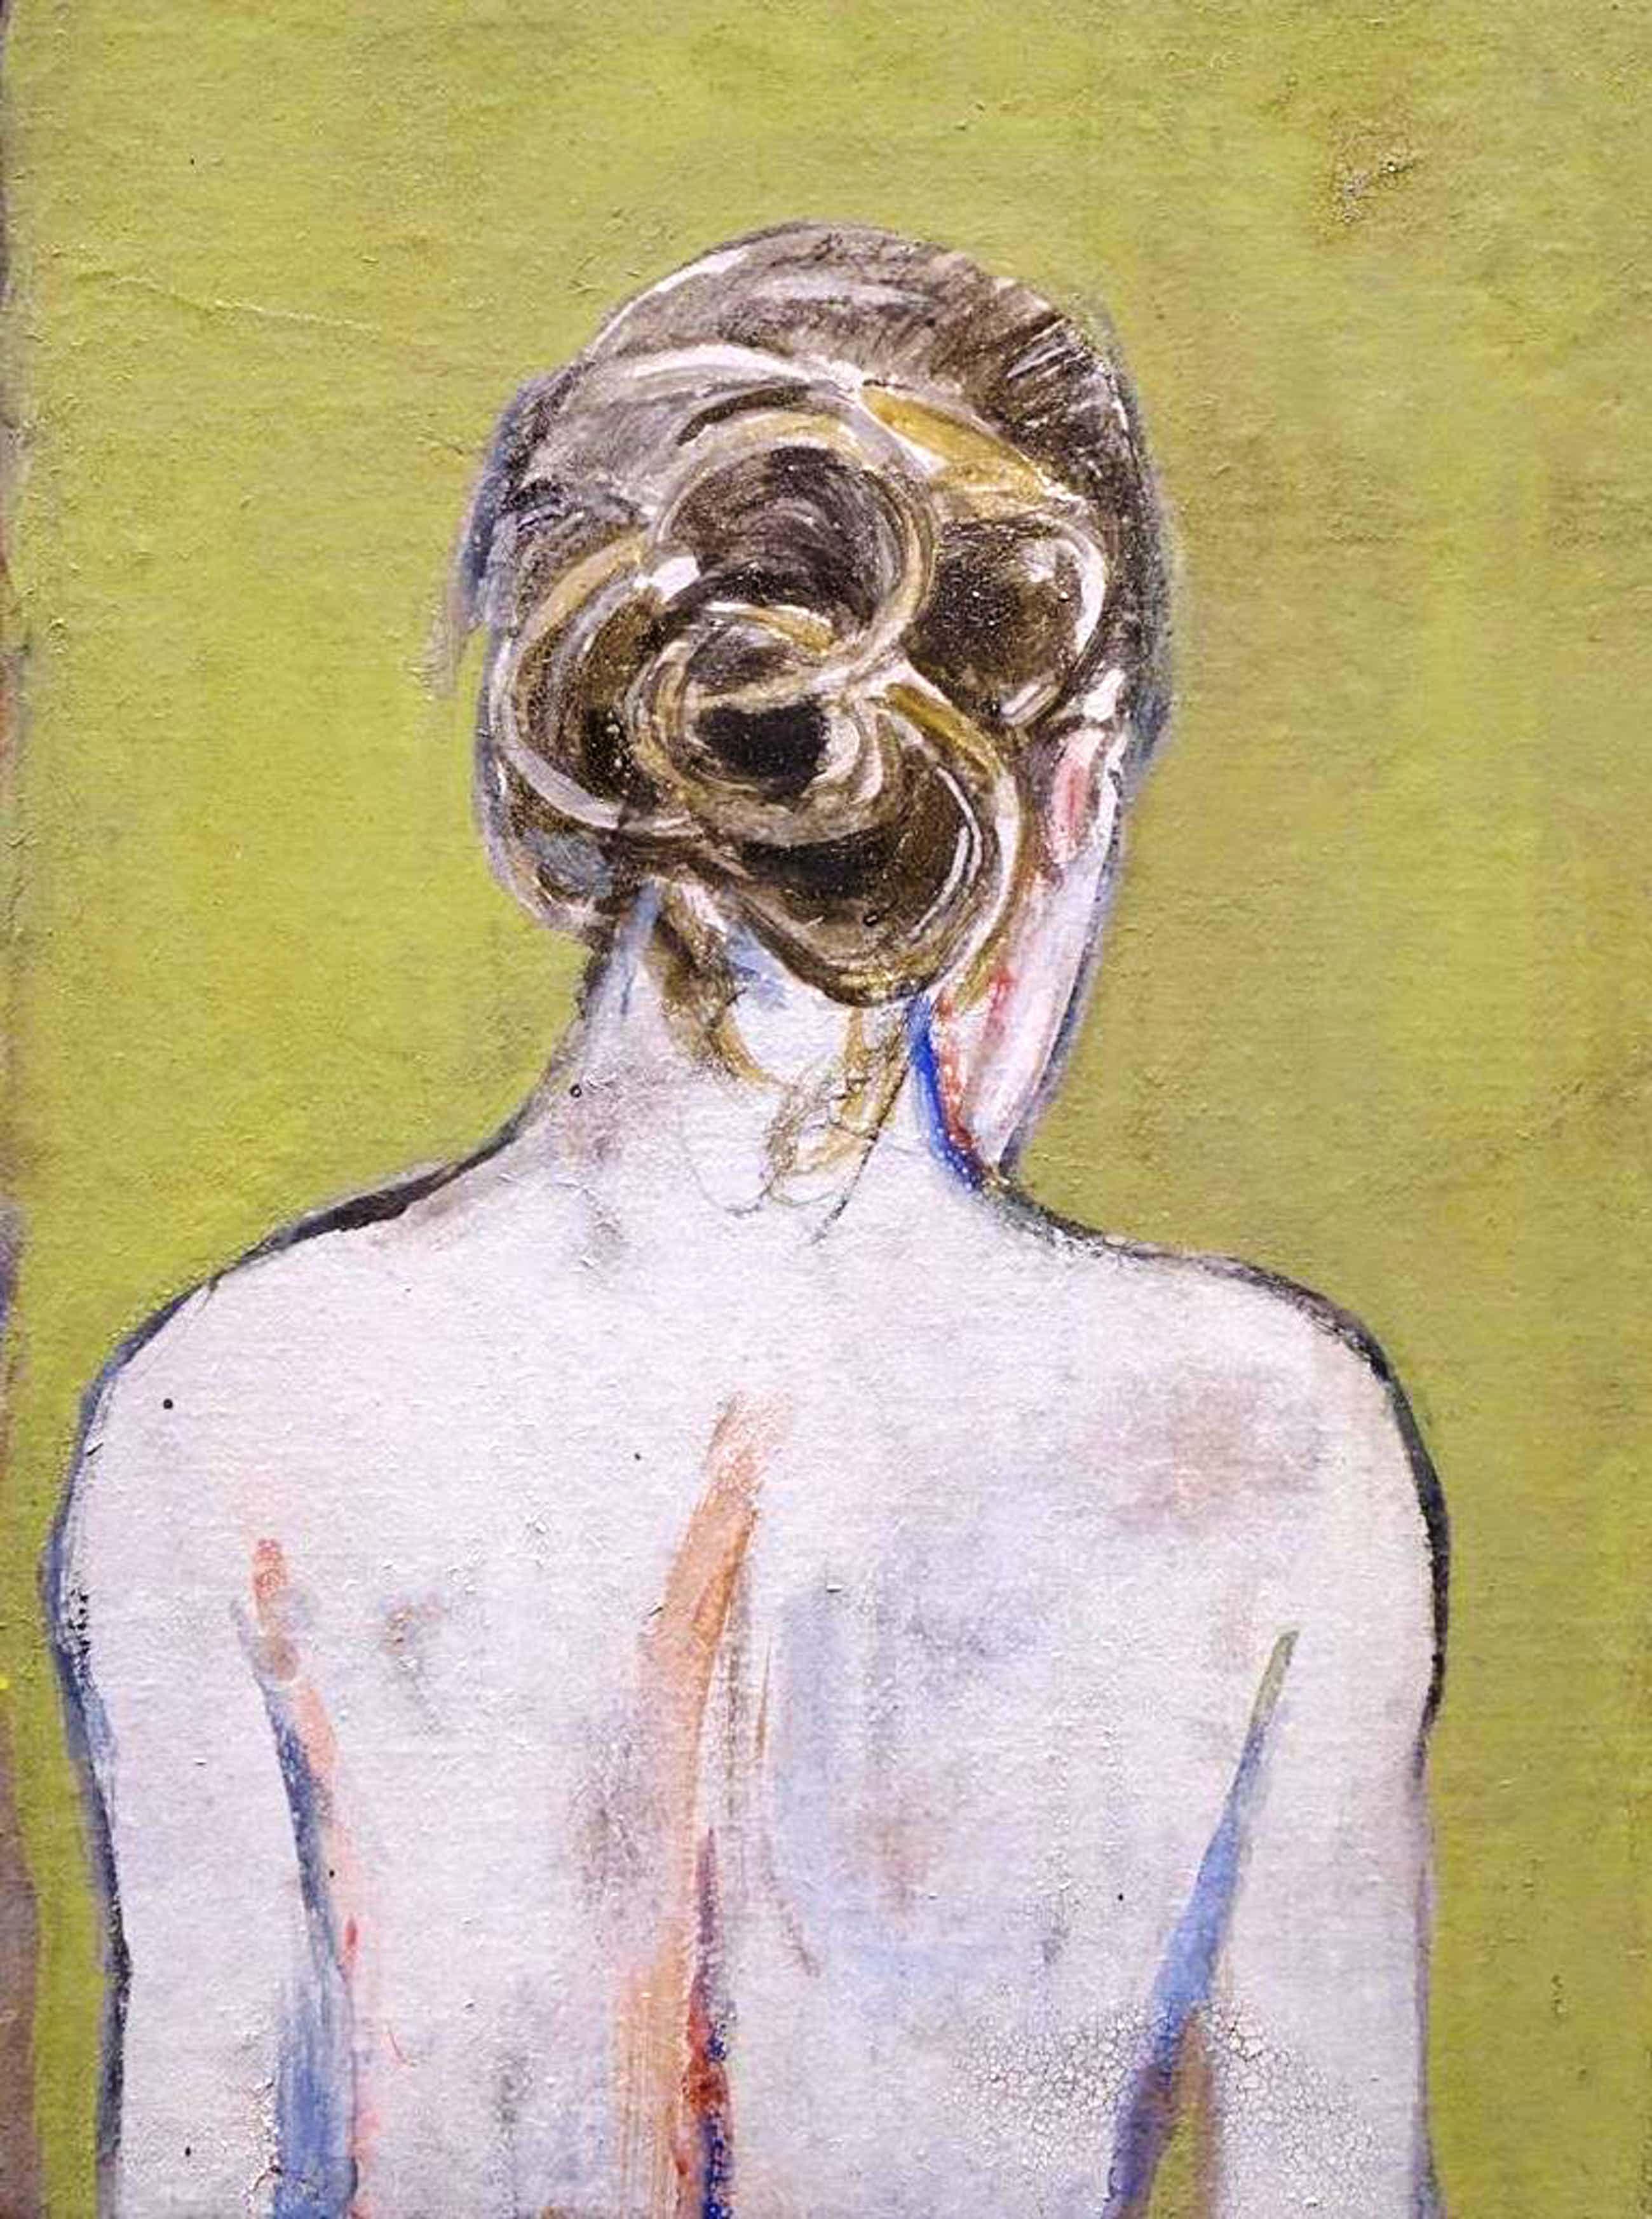 Jasper Krabbe - acryl op doek: naakt - 2009 kopen? Bied vanaf 1450!